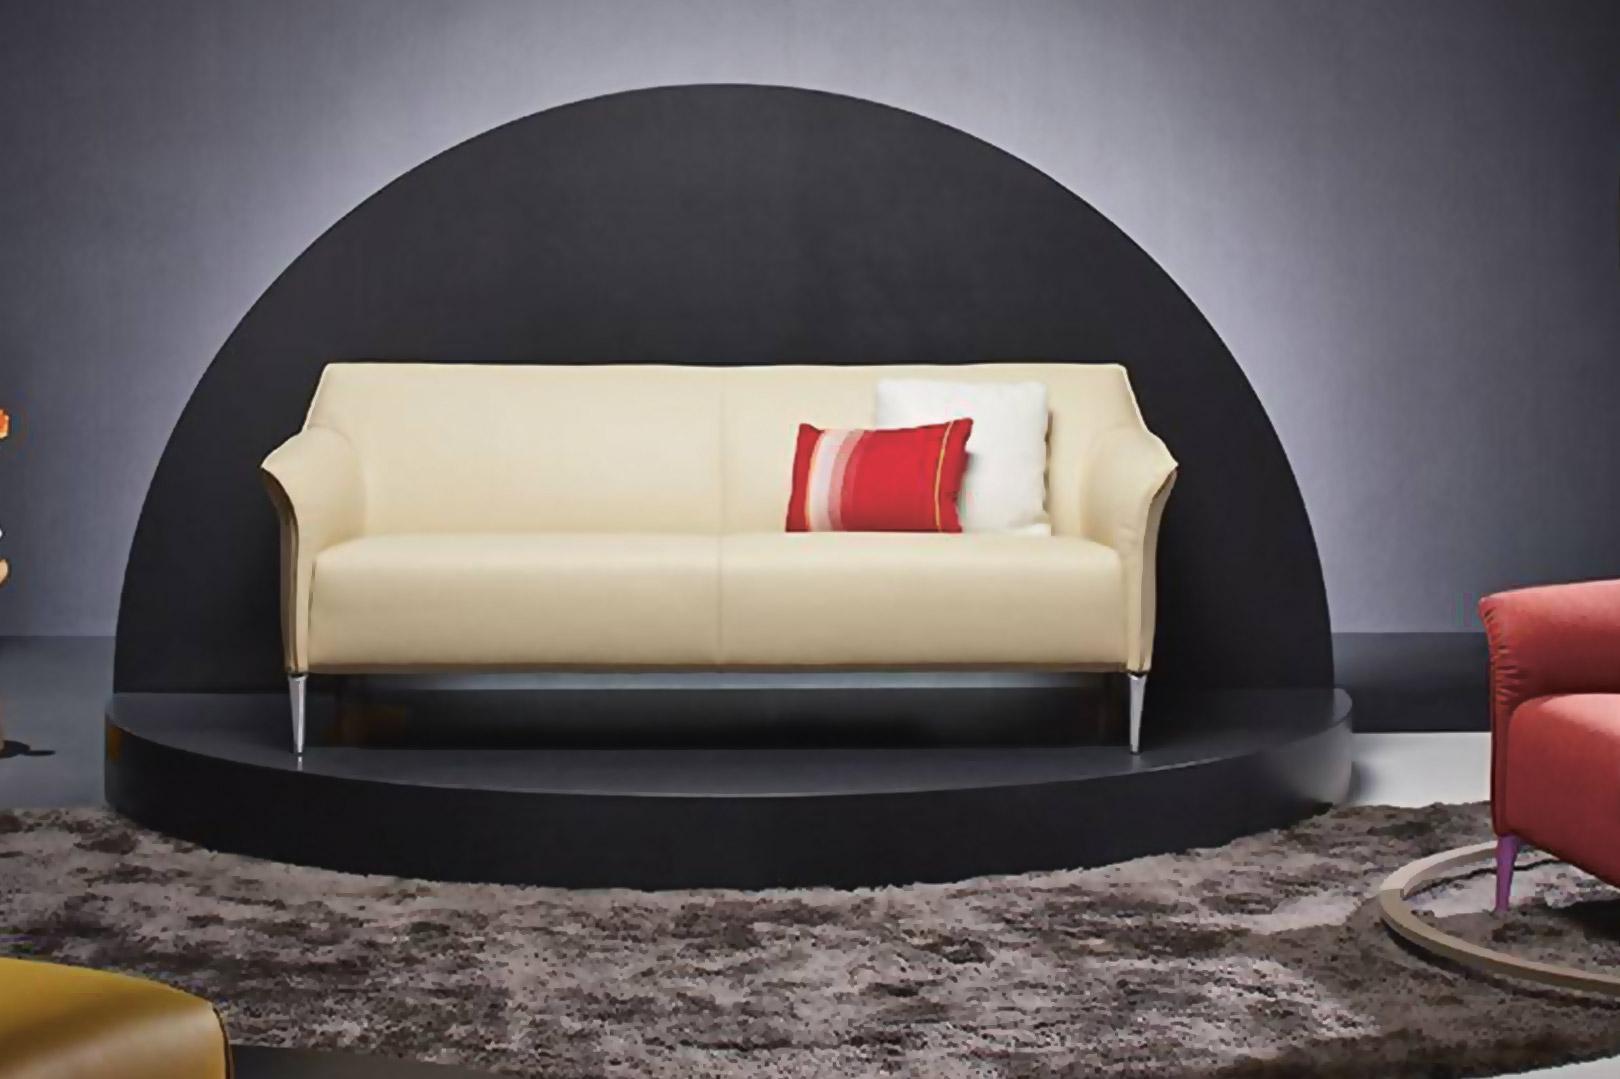 leolux-mayon-1620x1079 - Jan Luppes interieurs & Melles interieur